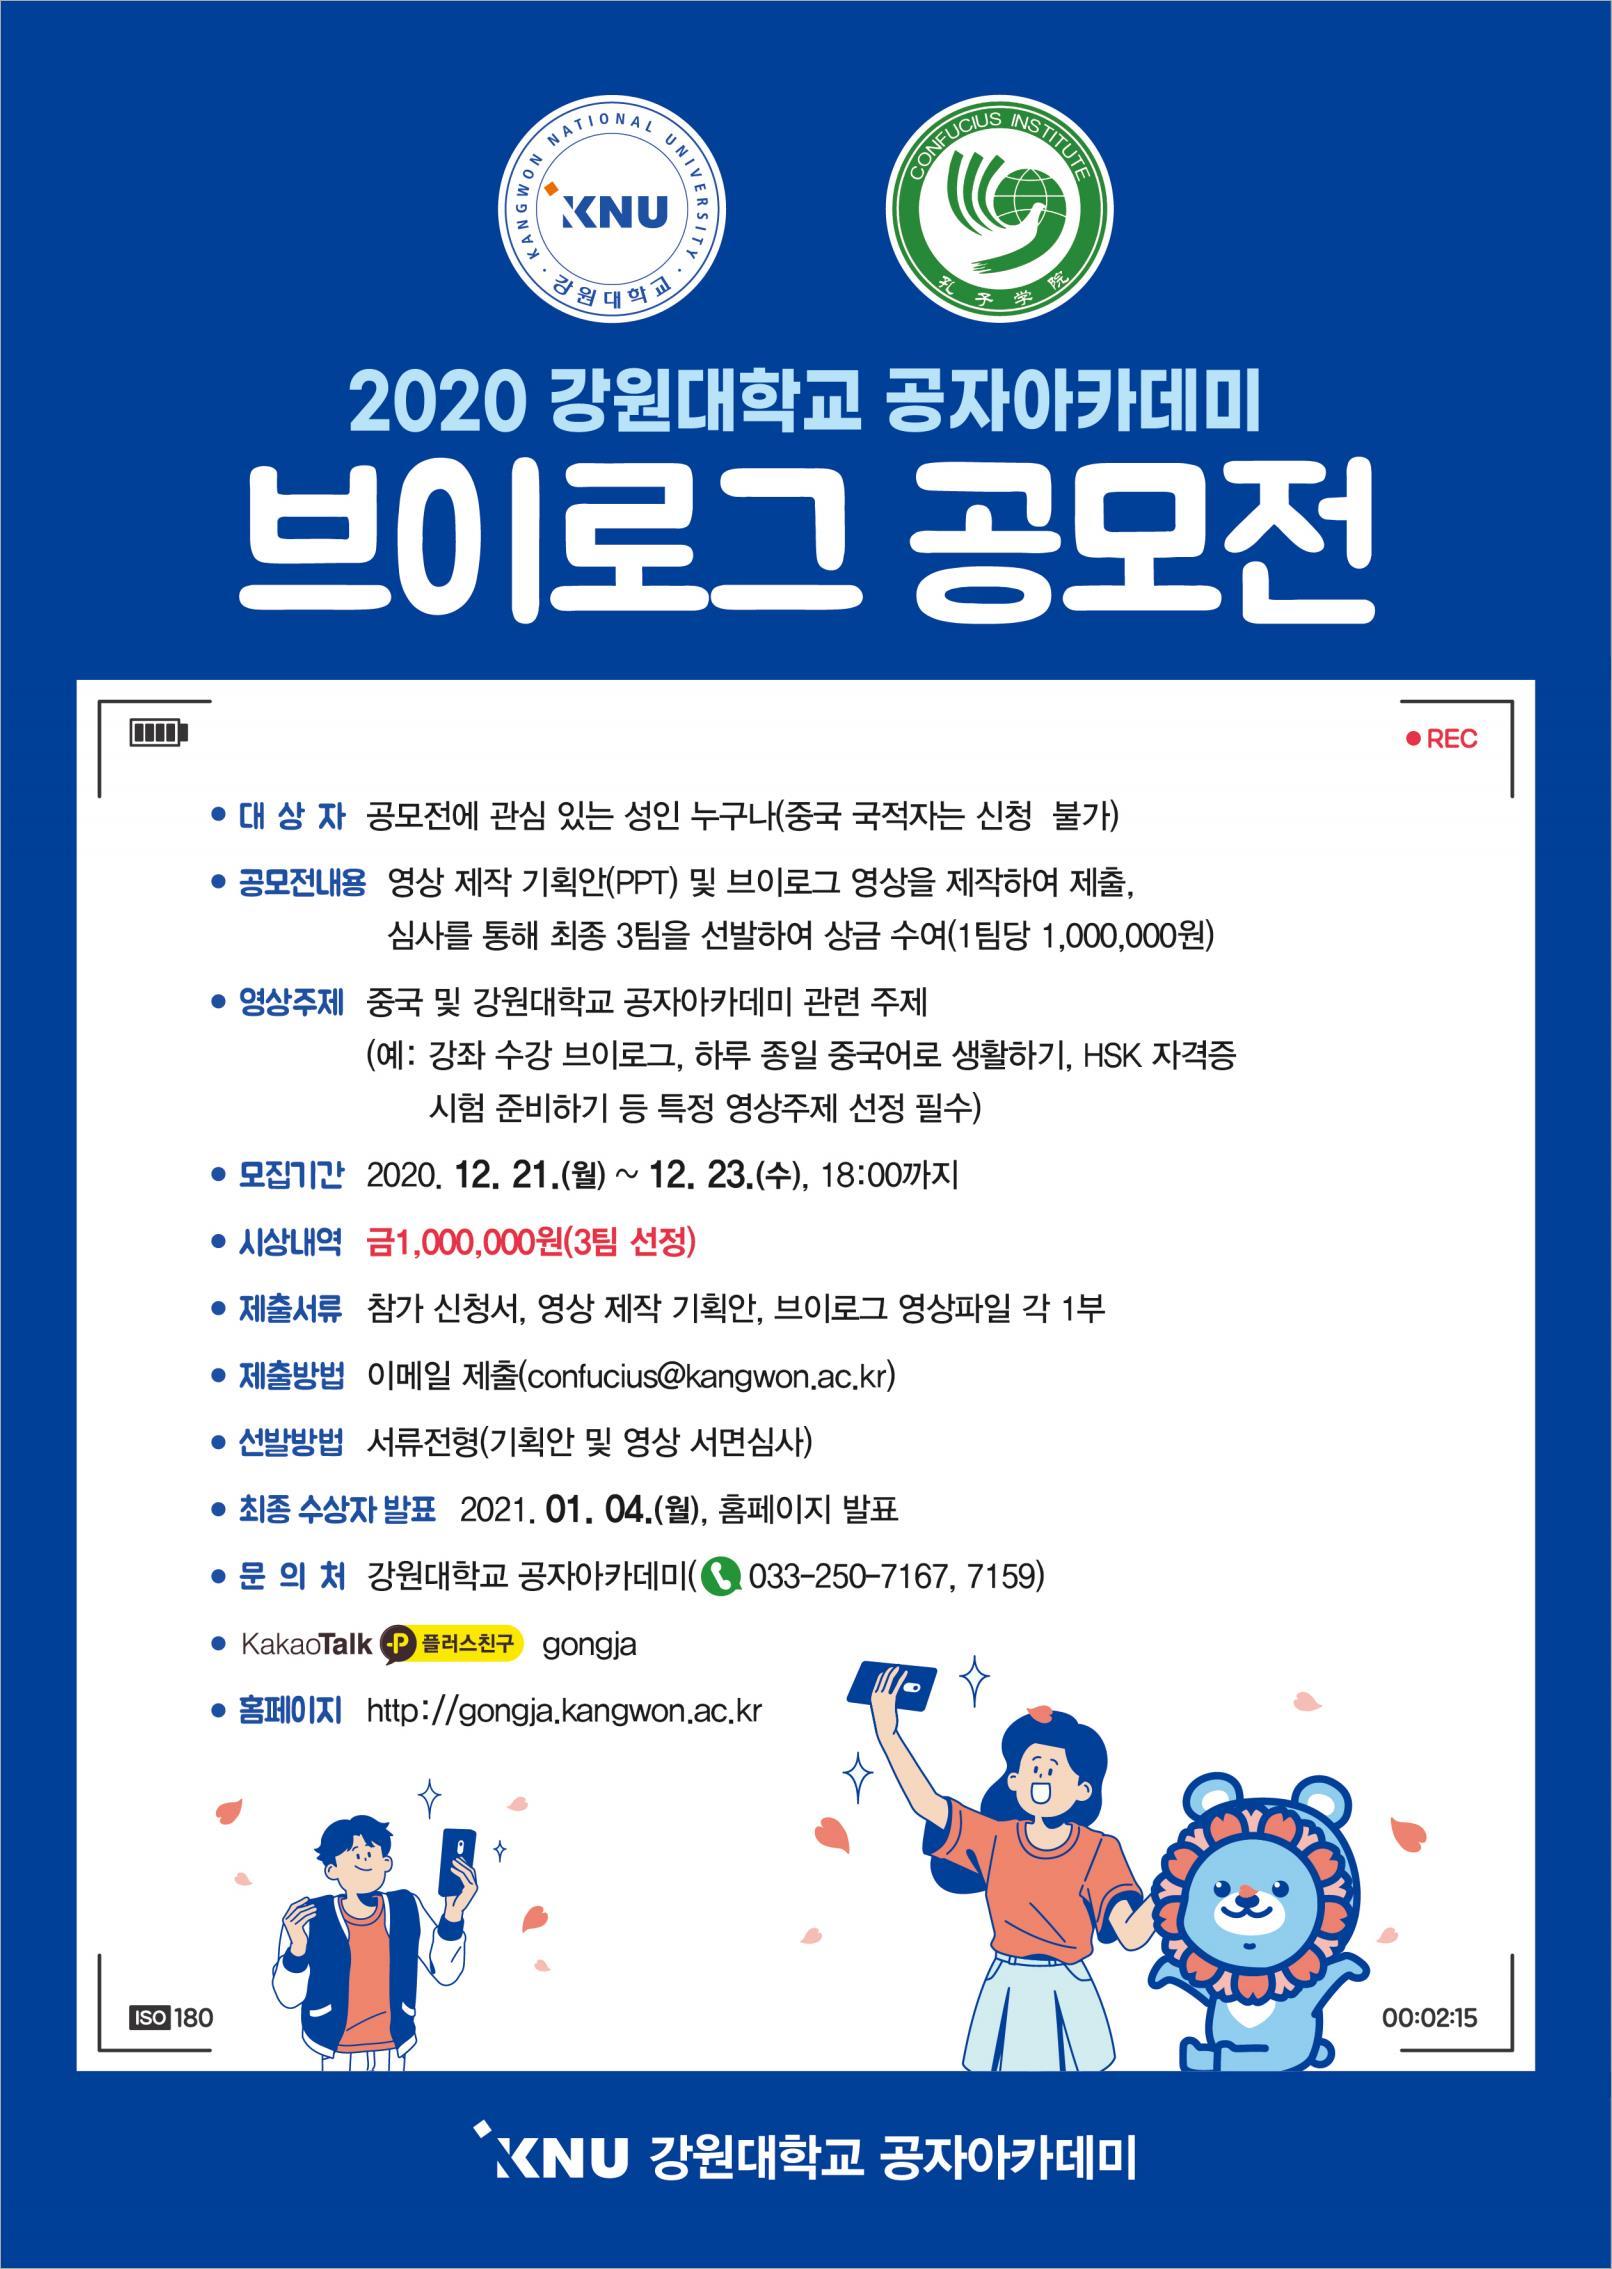 강원대학교 공자아카데미 브이로그 공모전